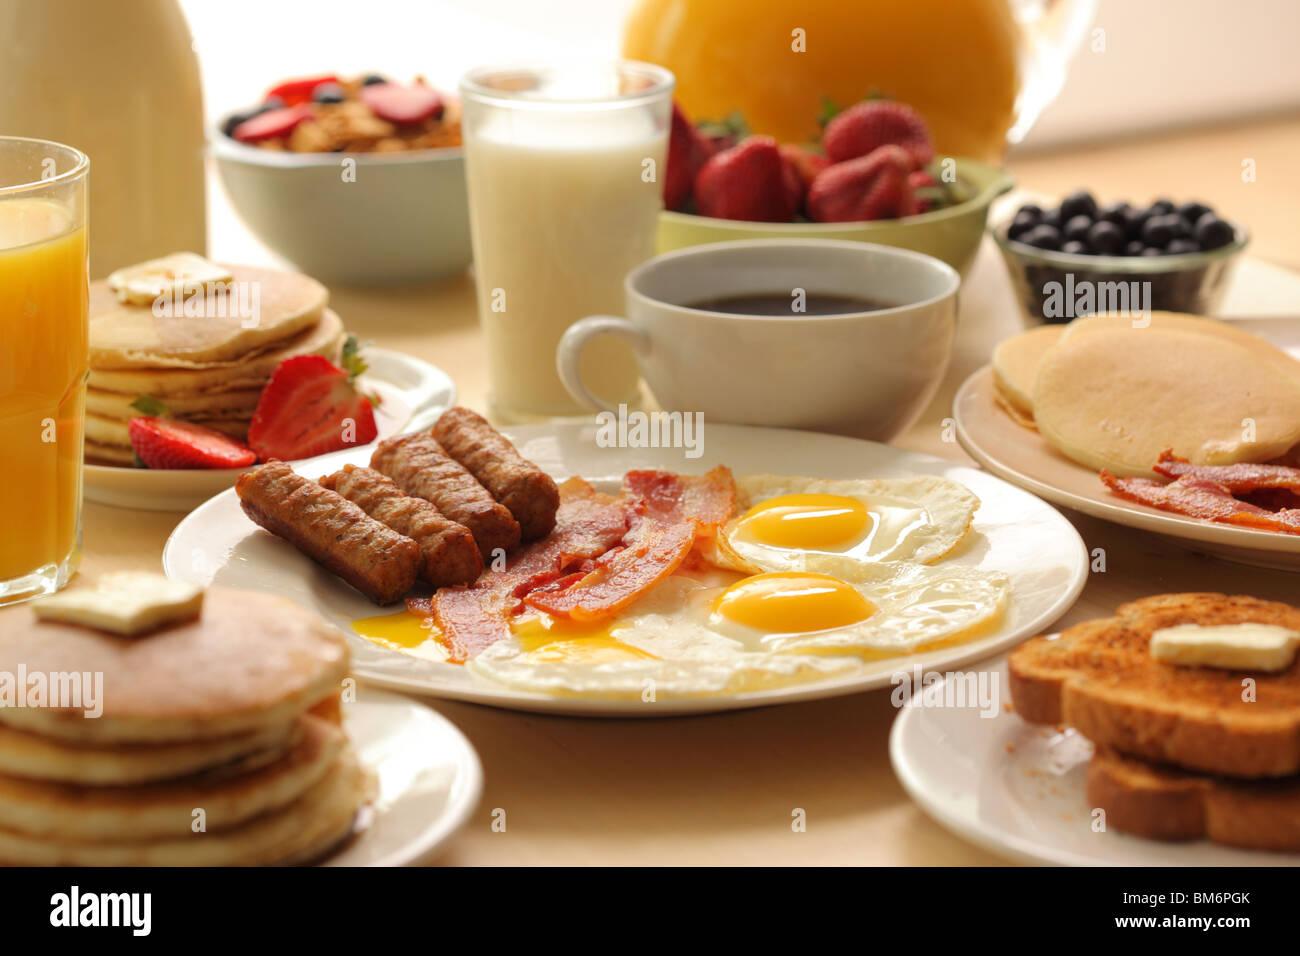 La prima colazione, salsicce, pancetta, uova, toast, caffè, cereali, frutta, toast e pancake Immagini Stock